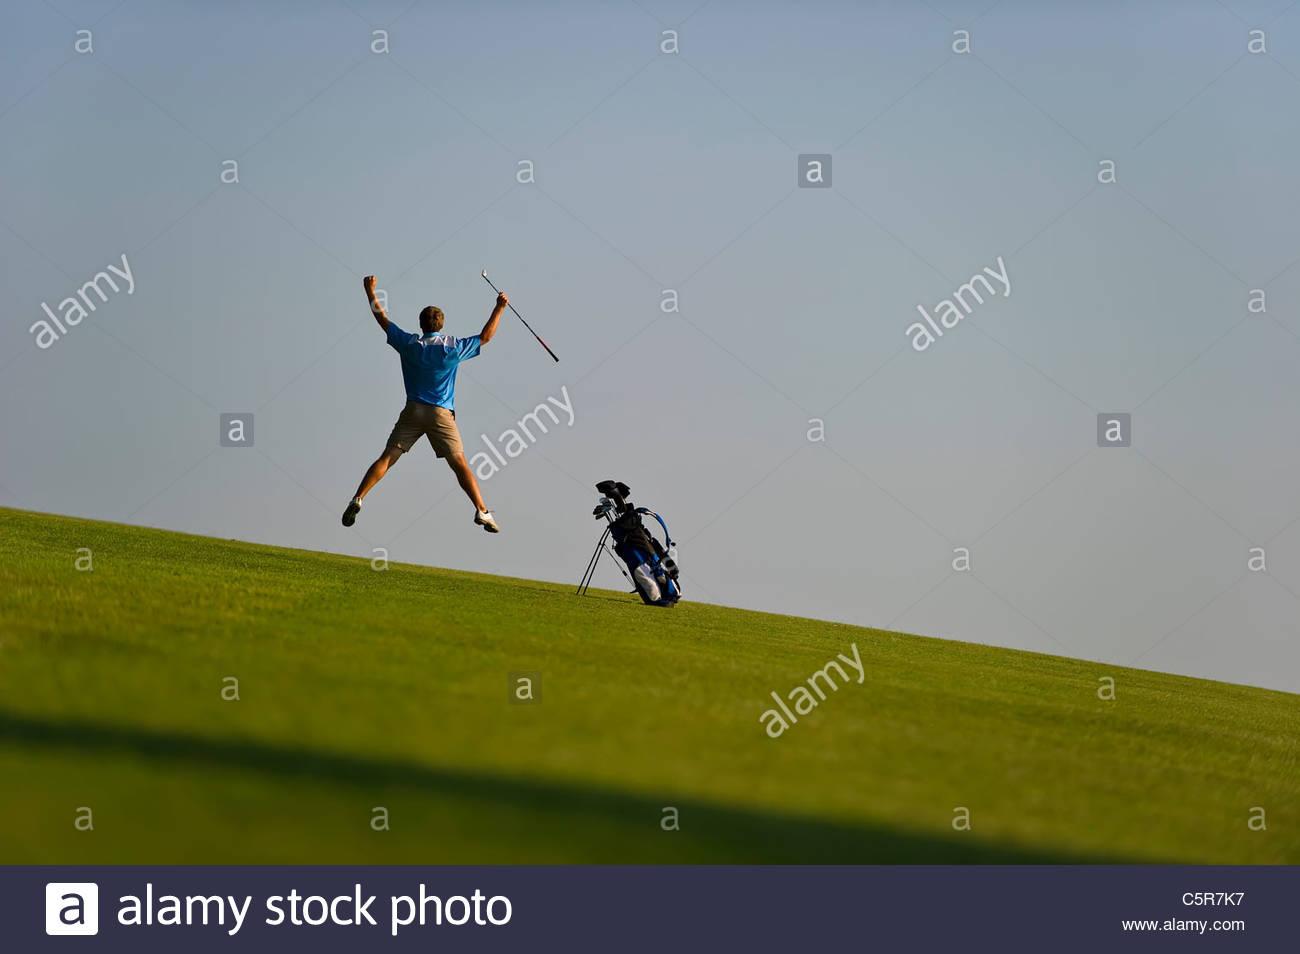 Ein Golfer feiert. Stockbild